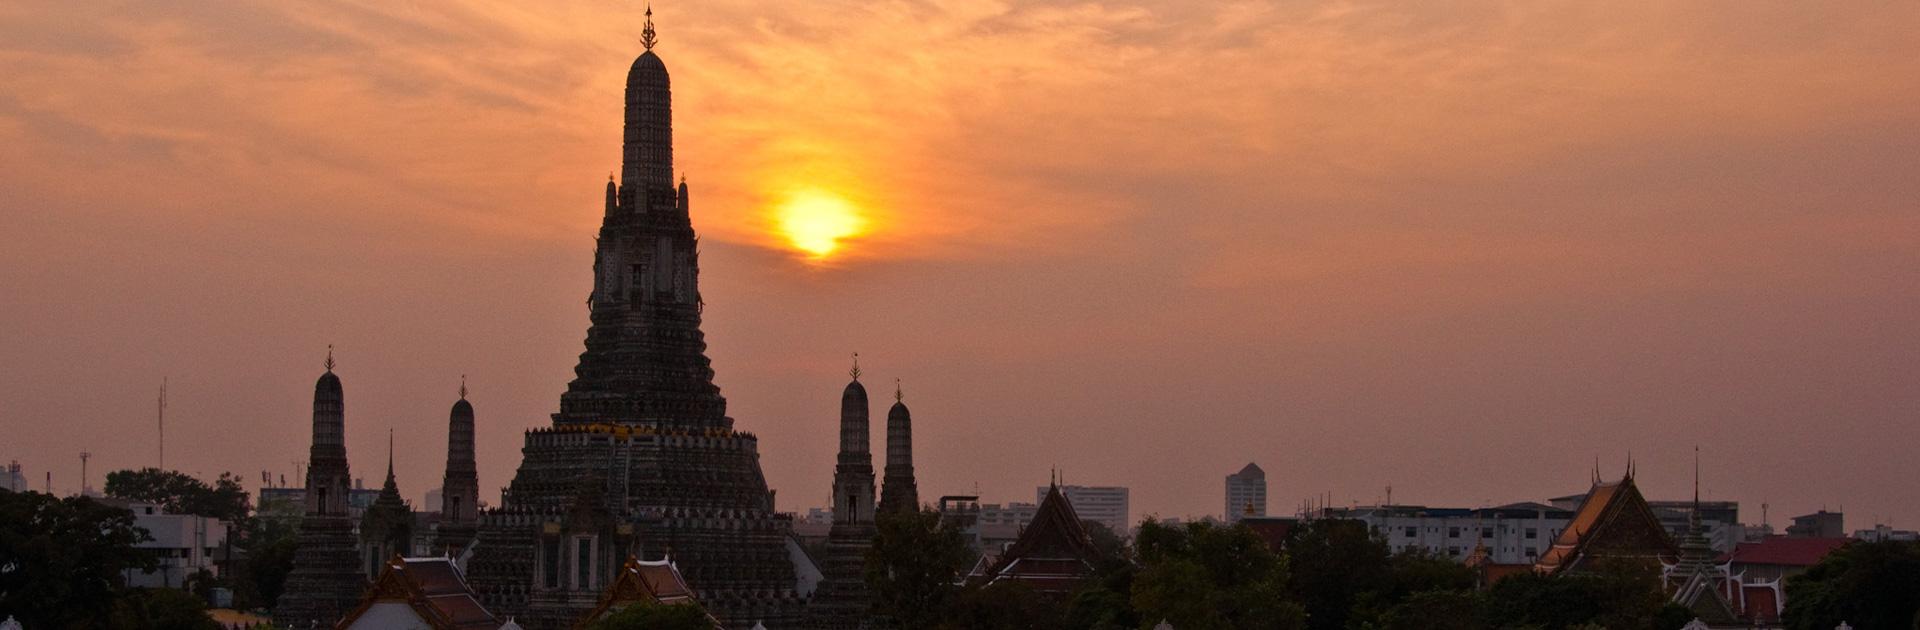 TH Aventura por las islas de Trang en Tailandia 15 días 2